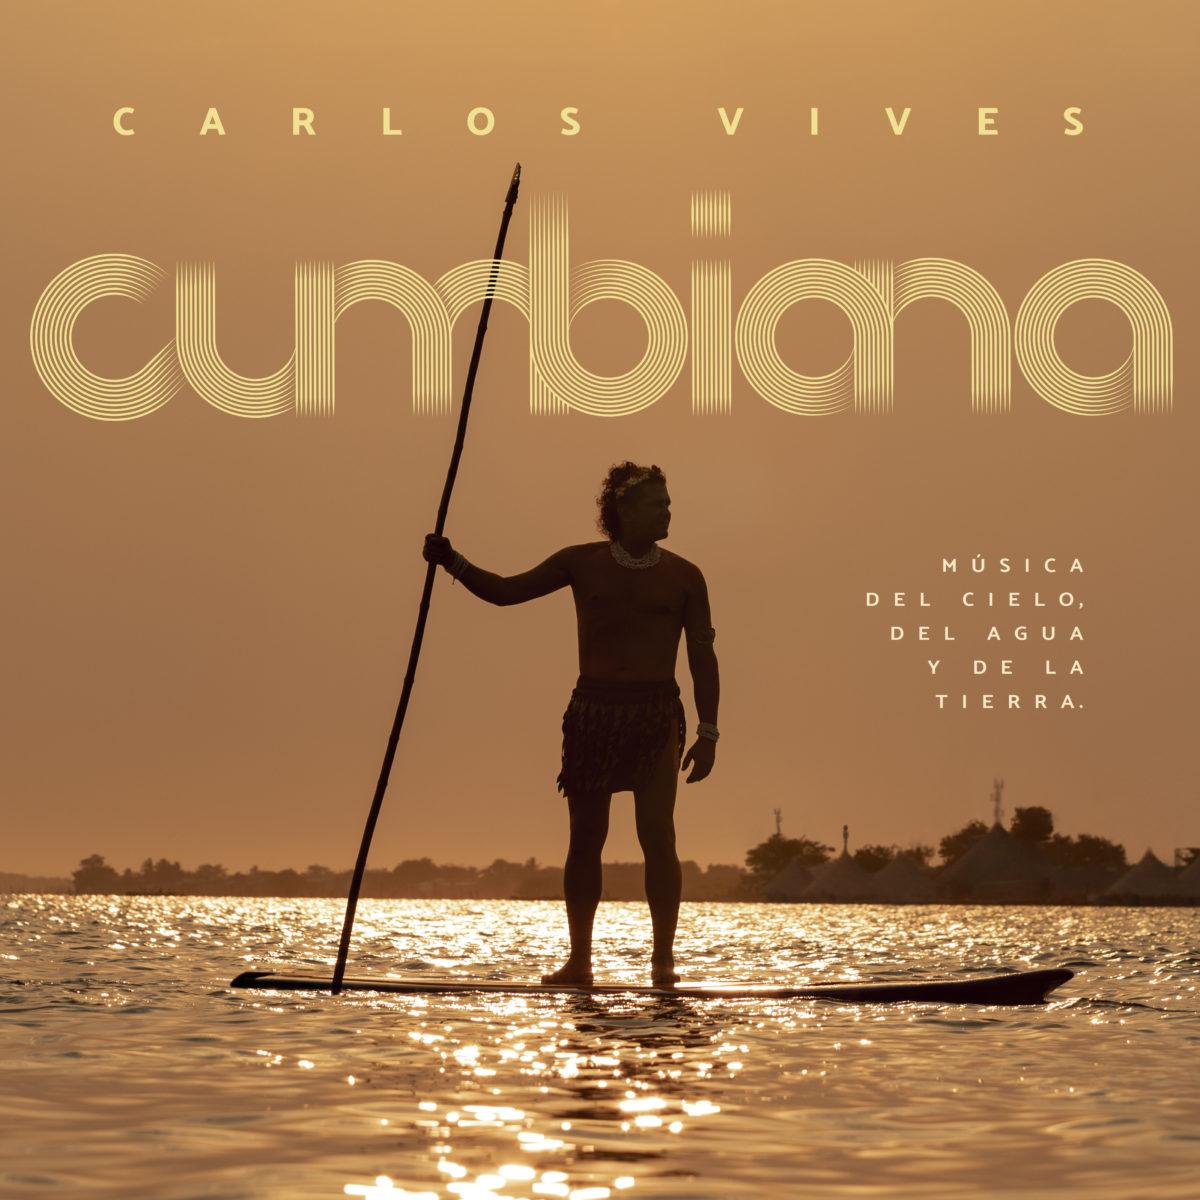 cumbiana carlos vives presenta su nuevo disco cv cover cumbiana